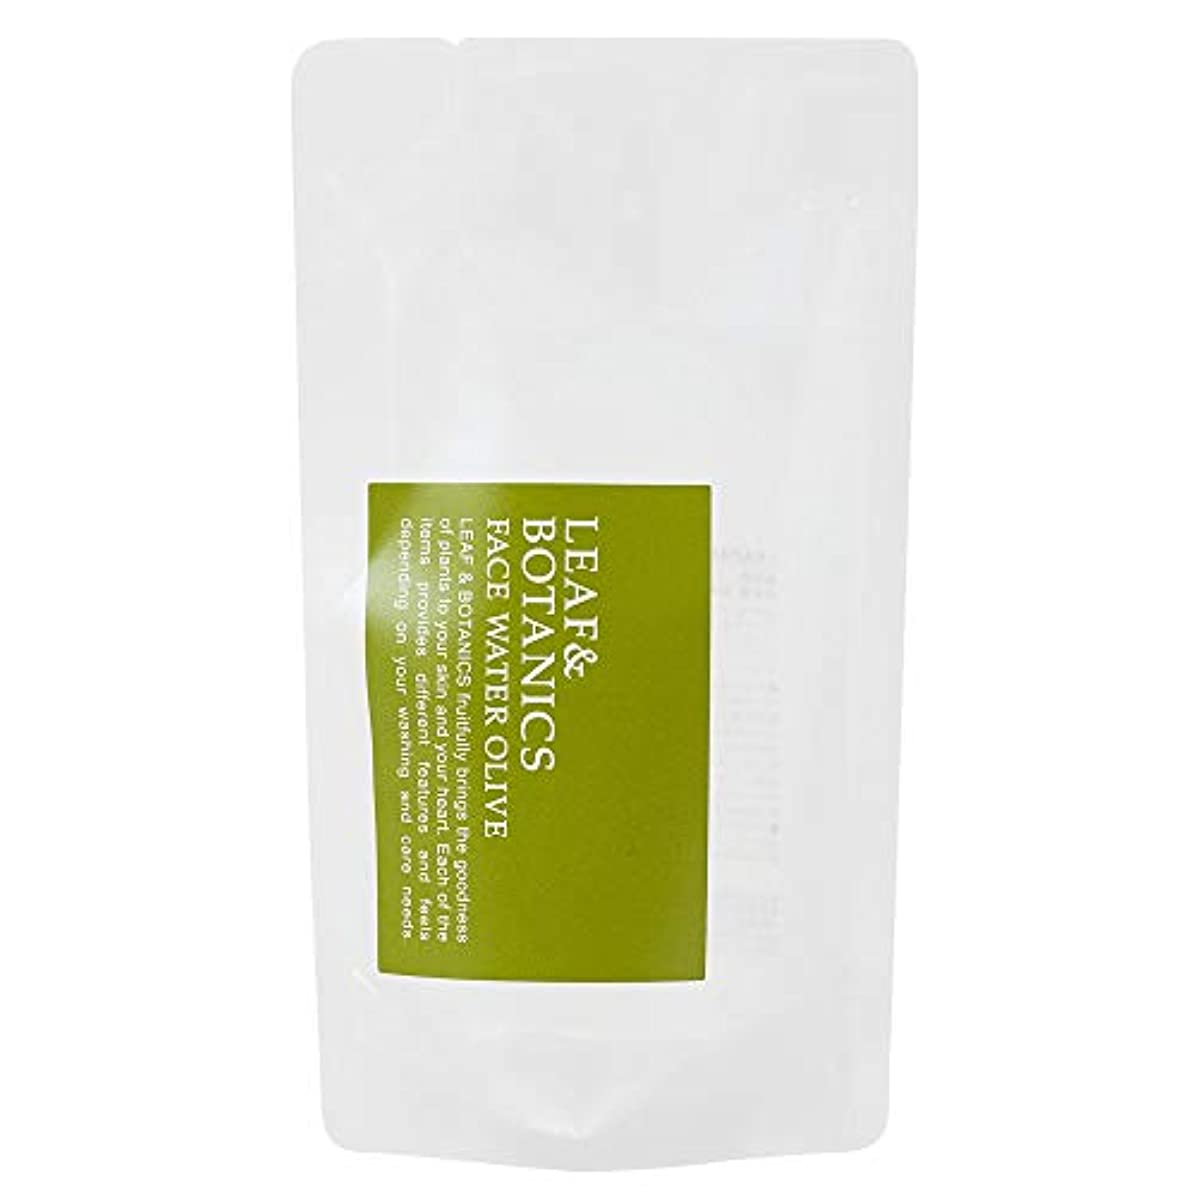 リーフ&ボタニクス フェイスウォーター オリーブ 詰替用 化粧水 ブラッドオレンジ×ラベンダー 90ml